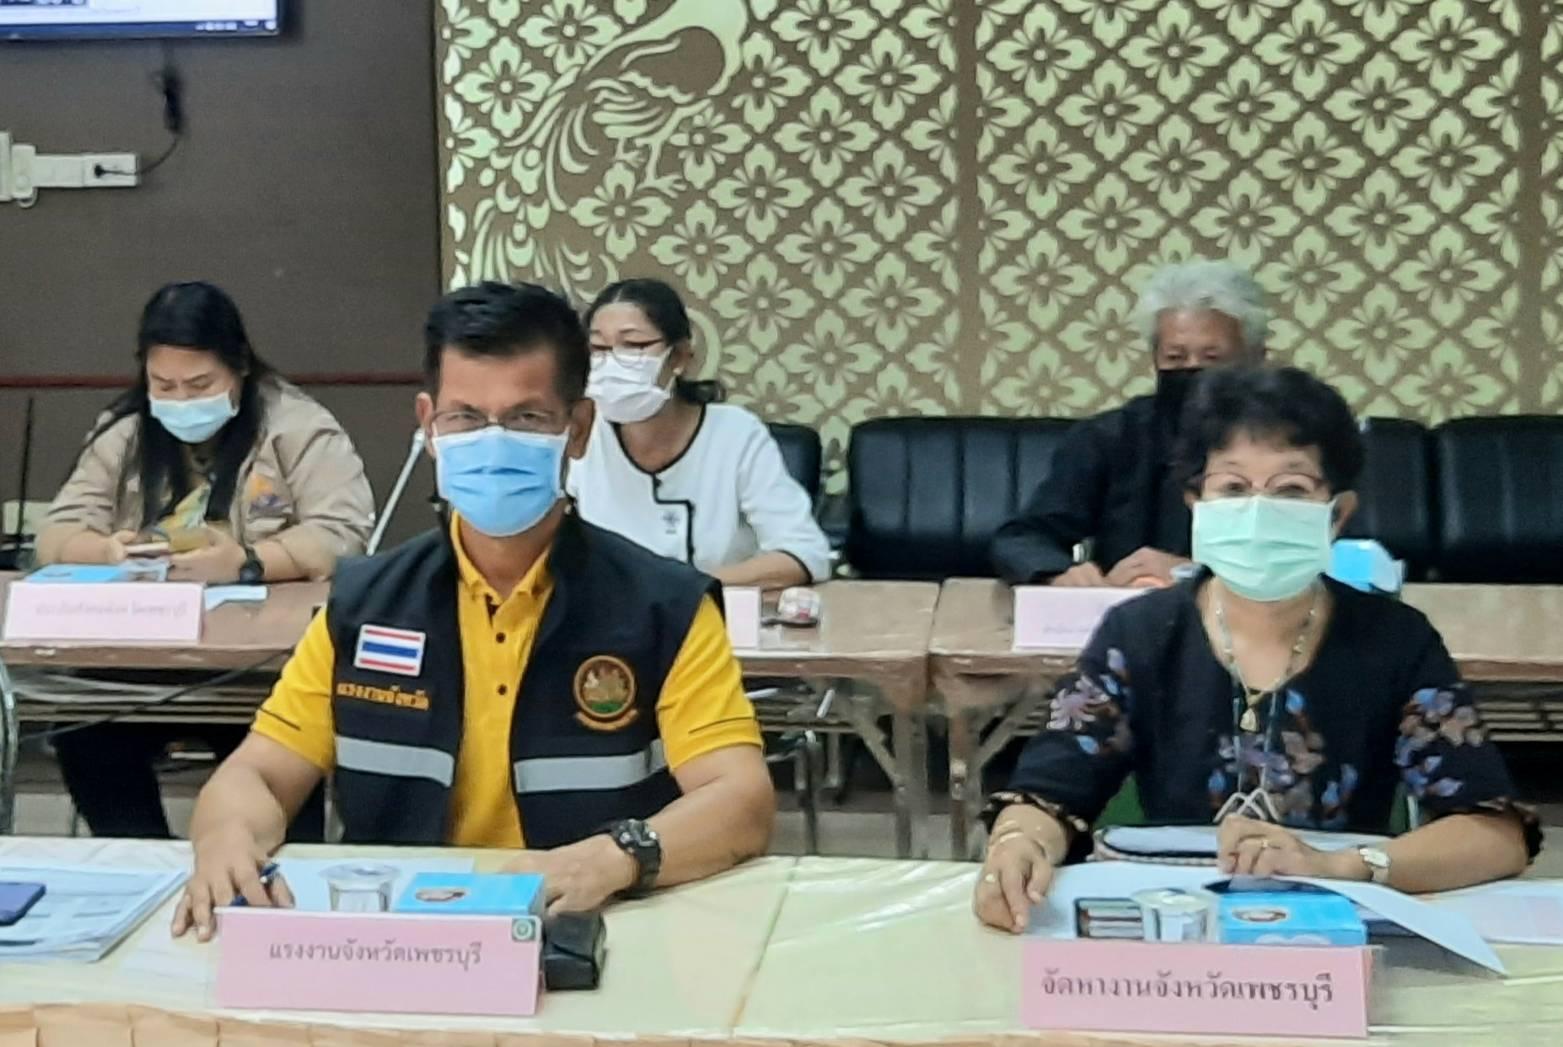 การประชุมคณะกรรมโรคติดต่อจังหวัดเพชรบุรี